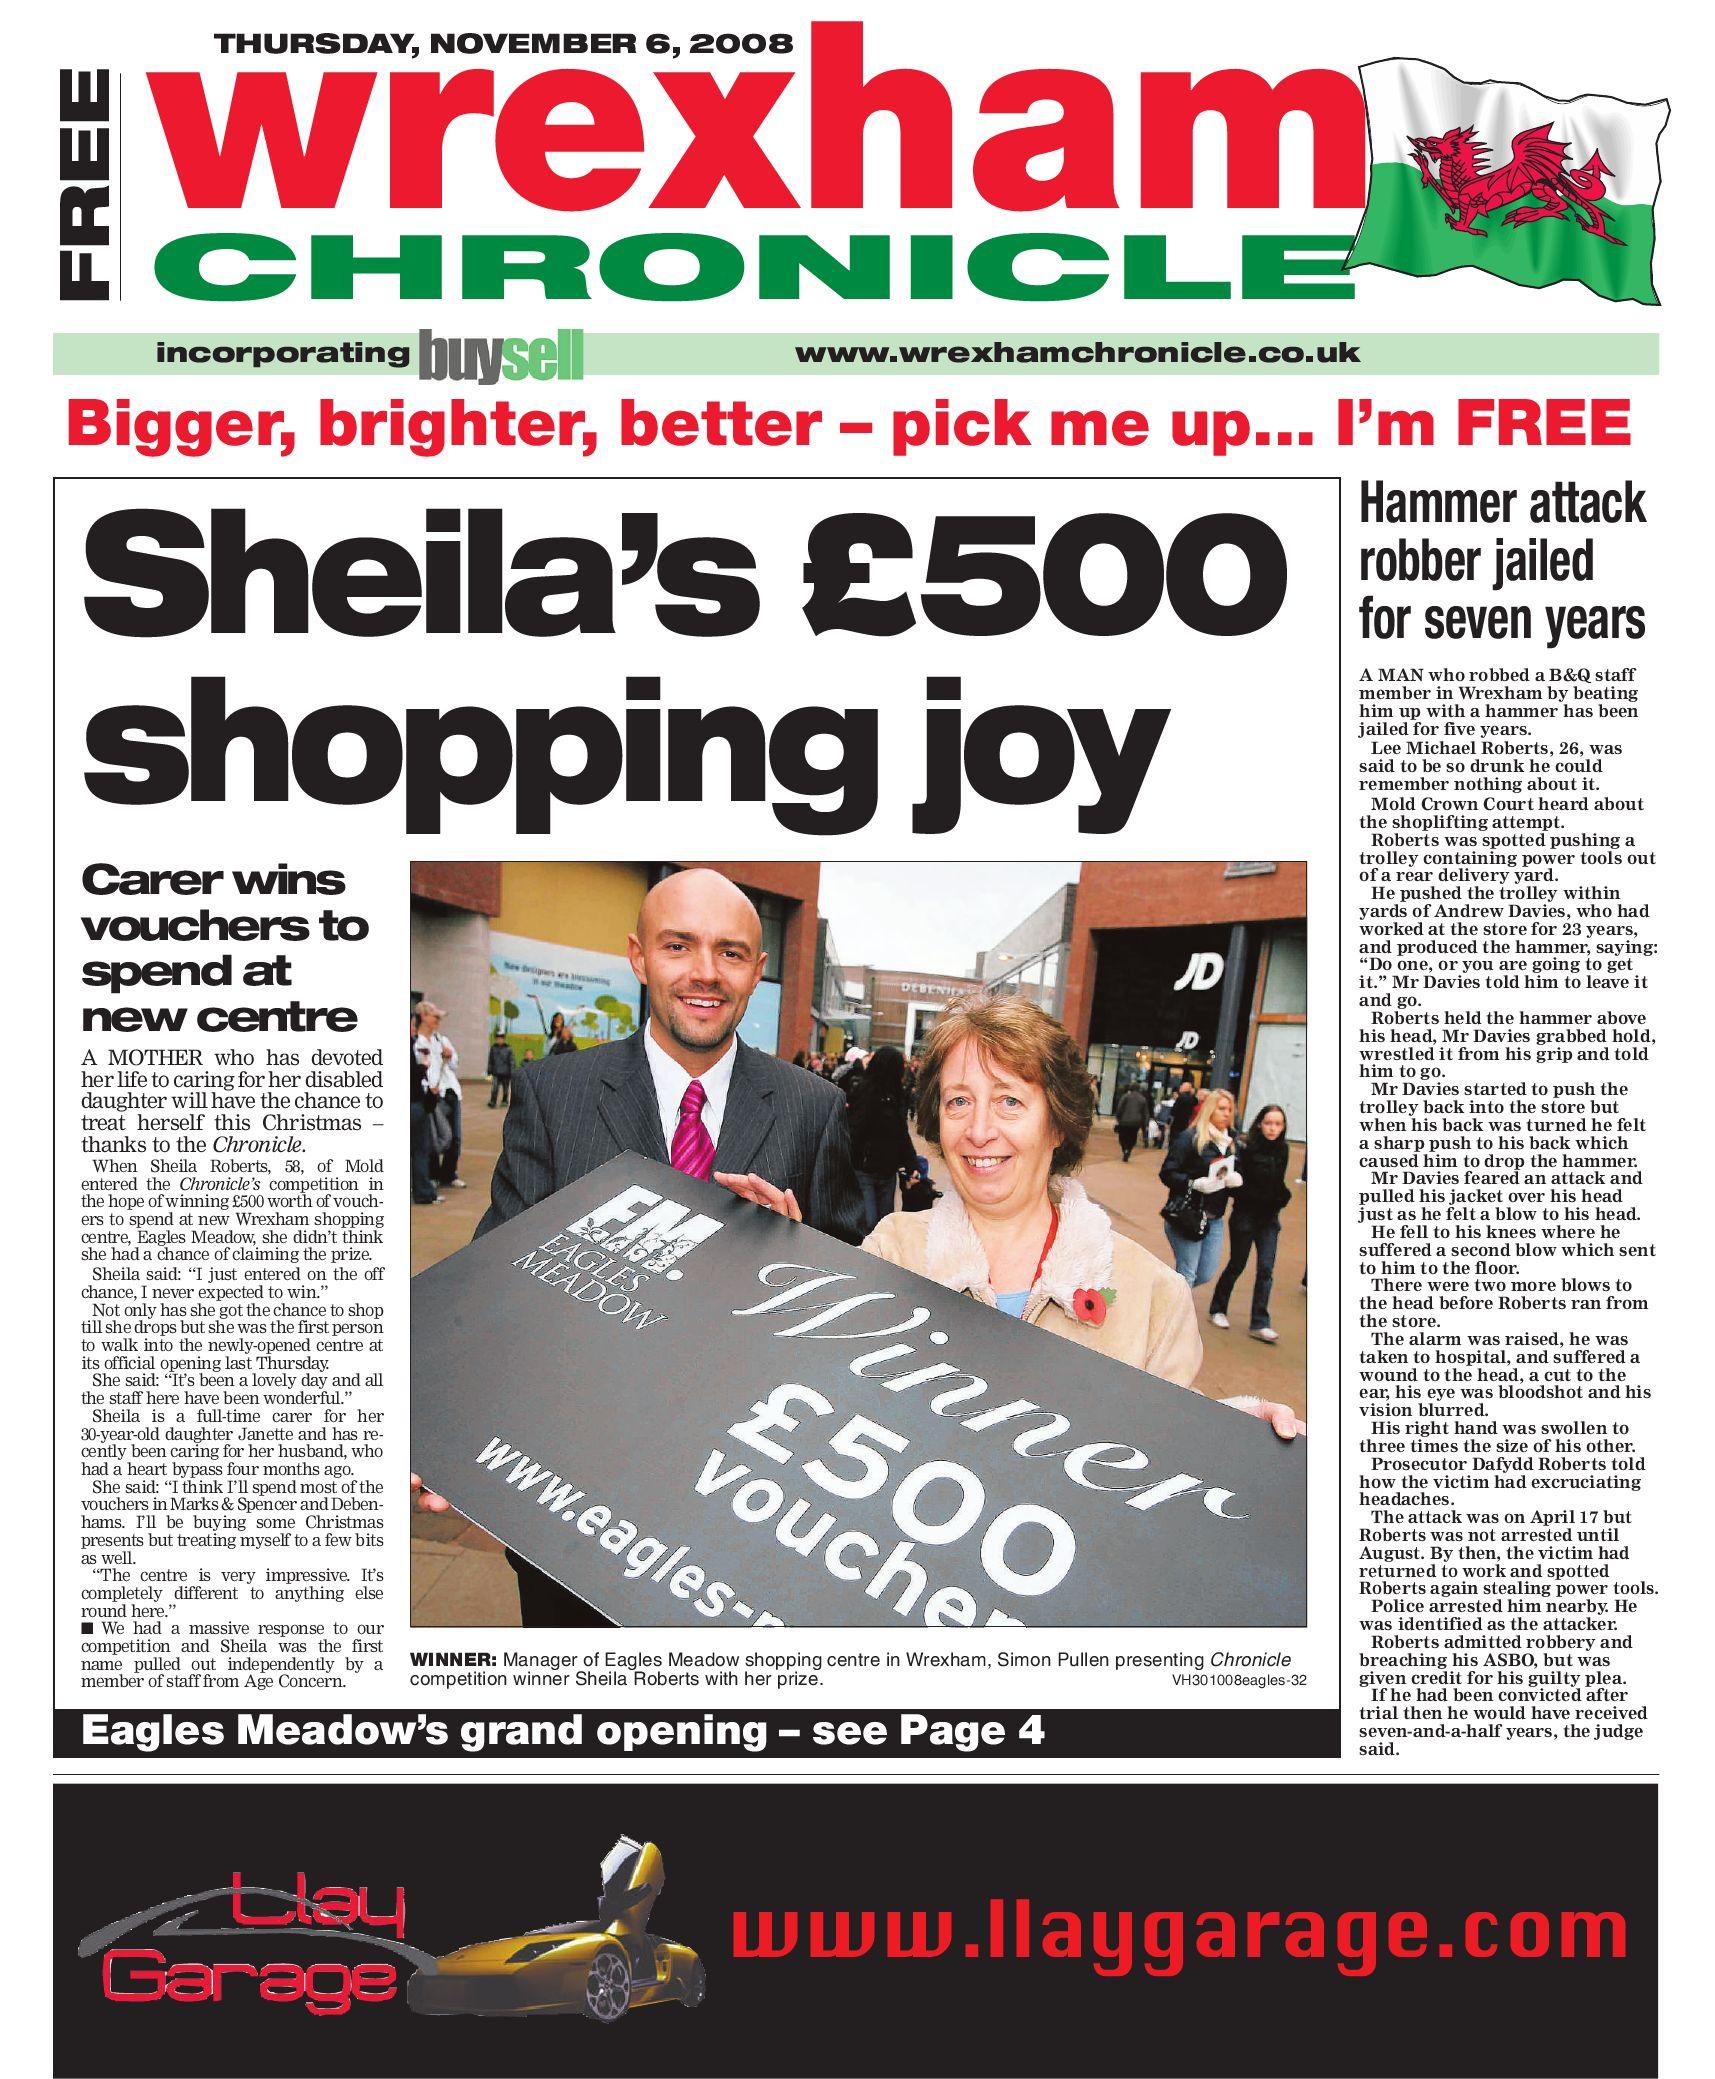 Wrexham Chronicle 6 11 08 By James Shepherd Issuu